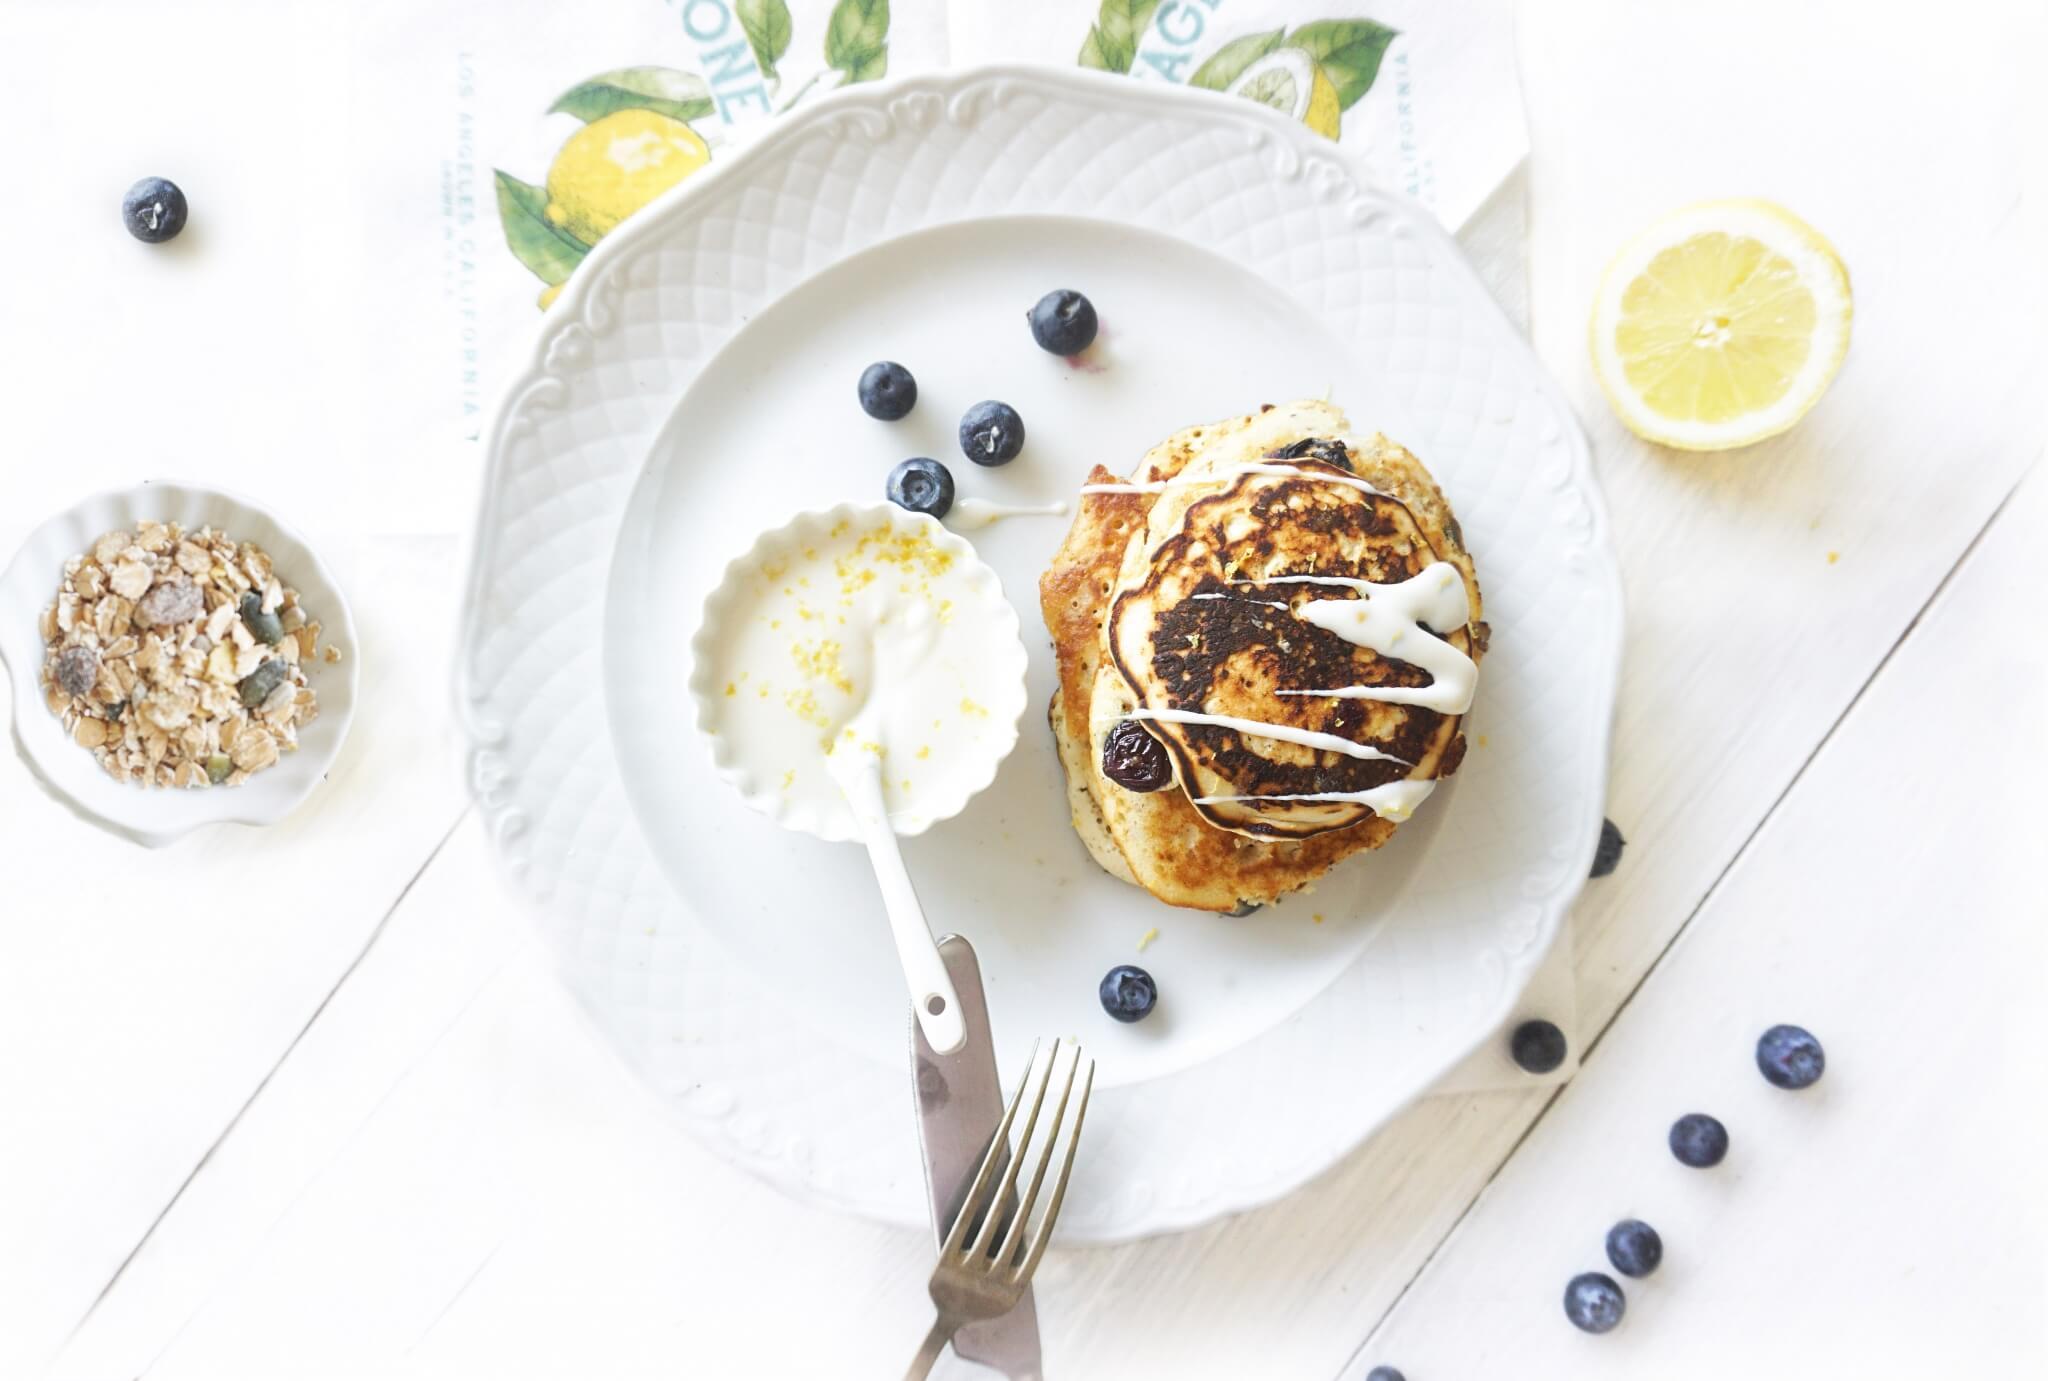 Blue berry pancakes met muesli en citroen